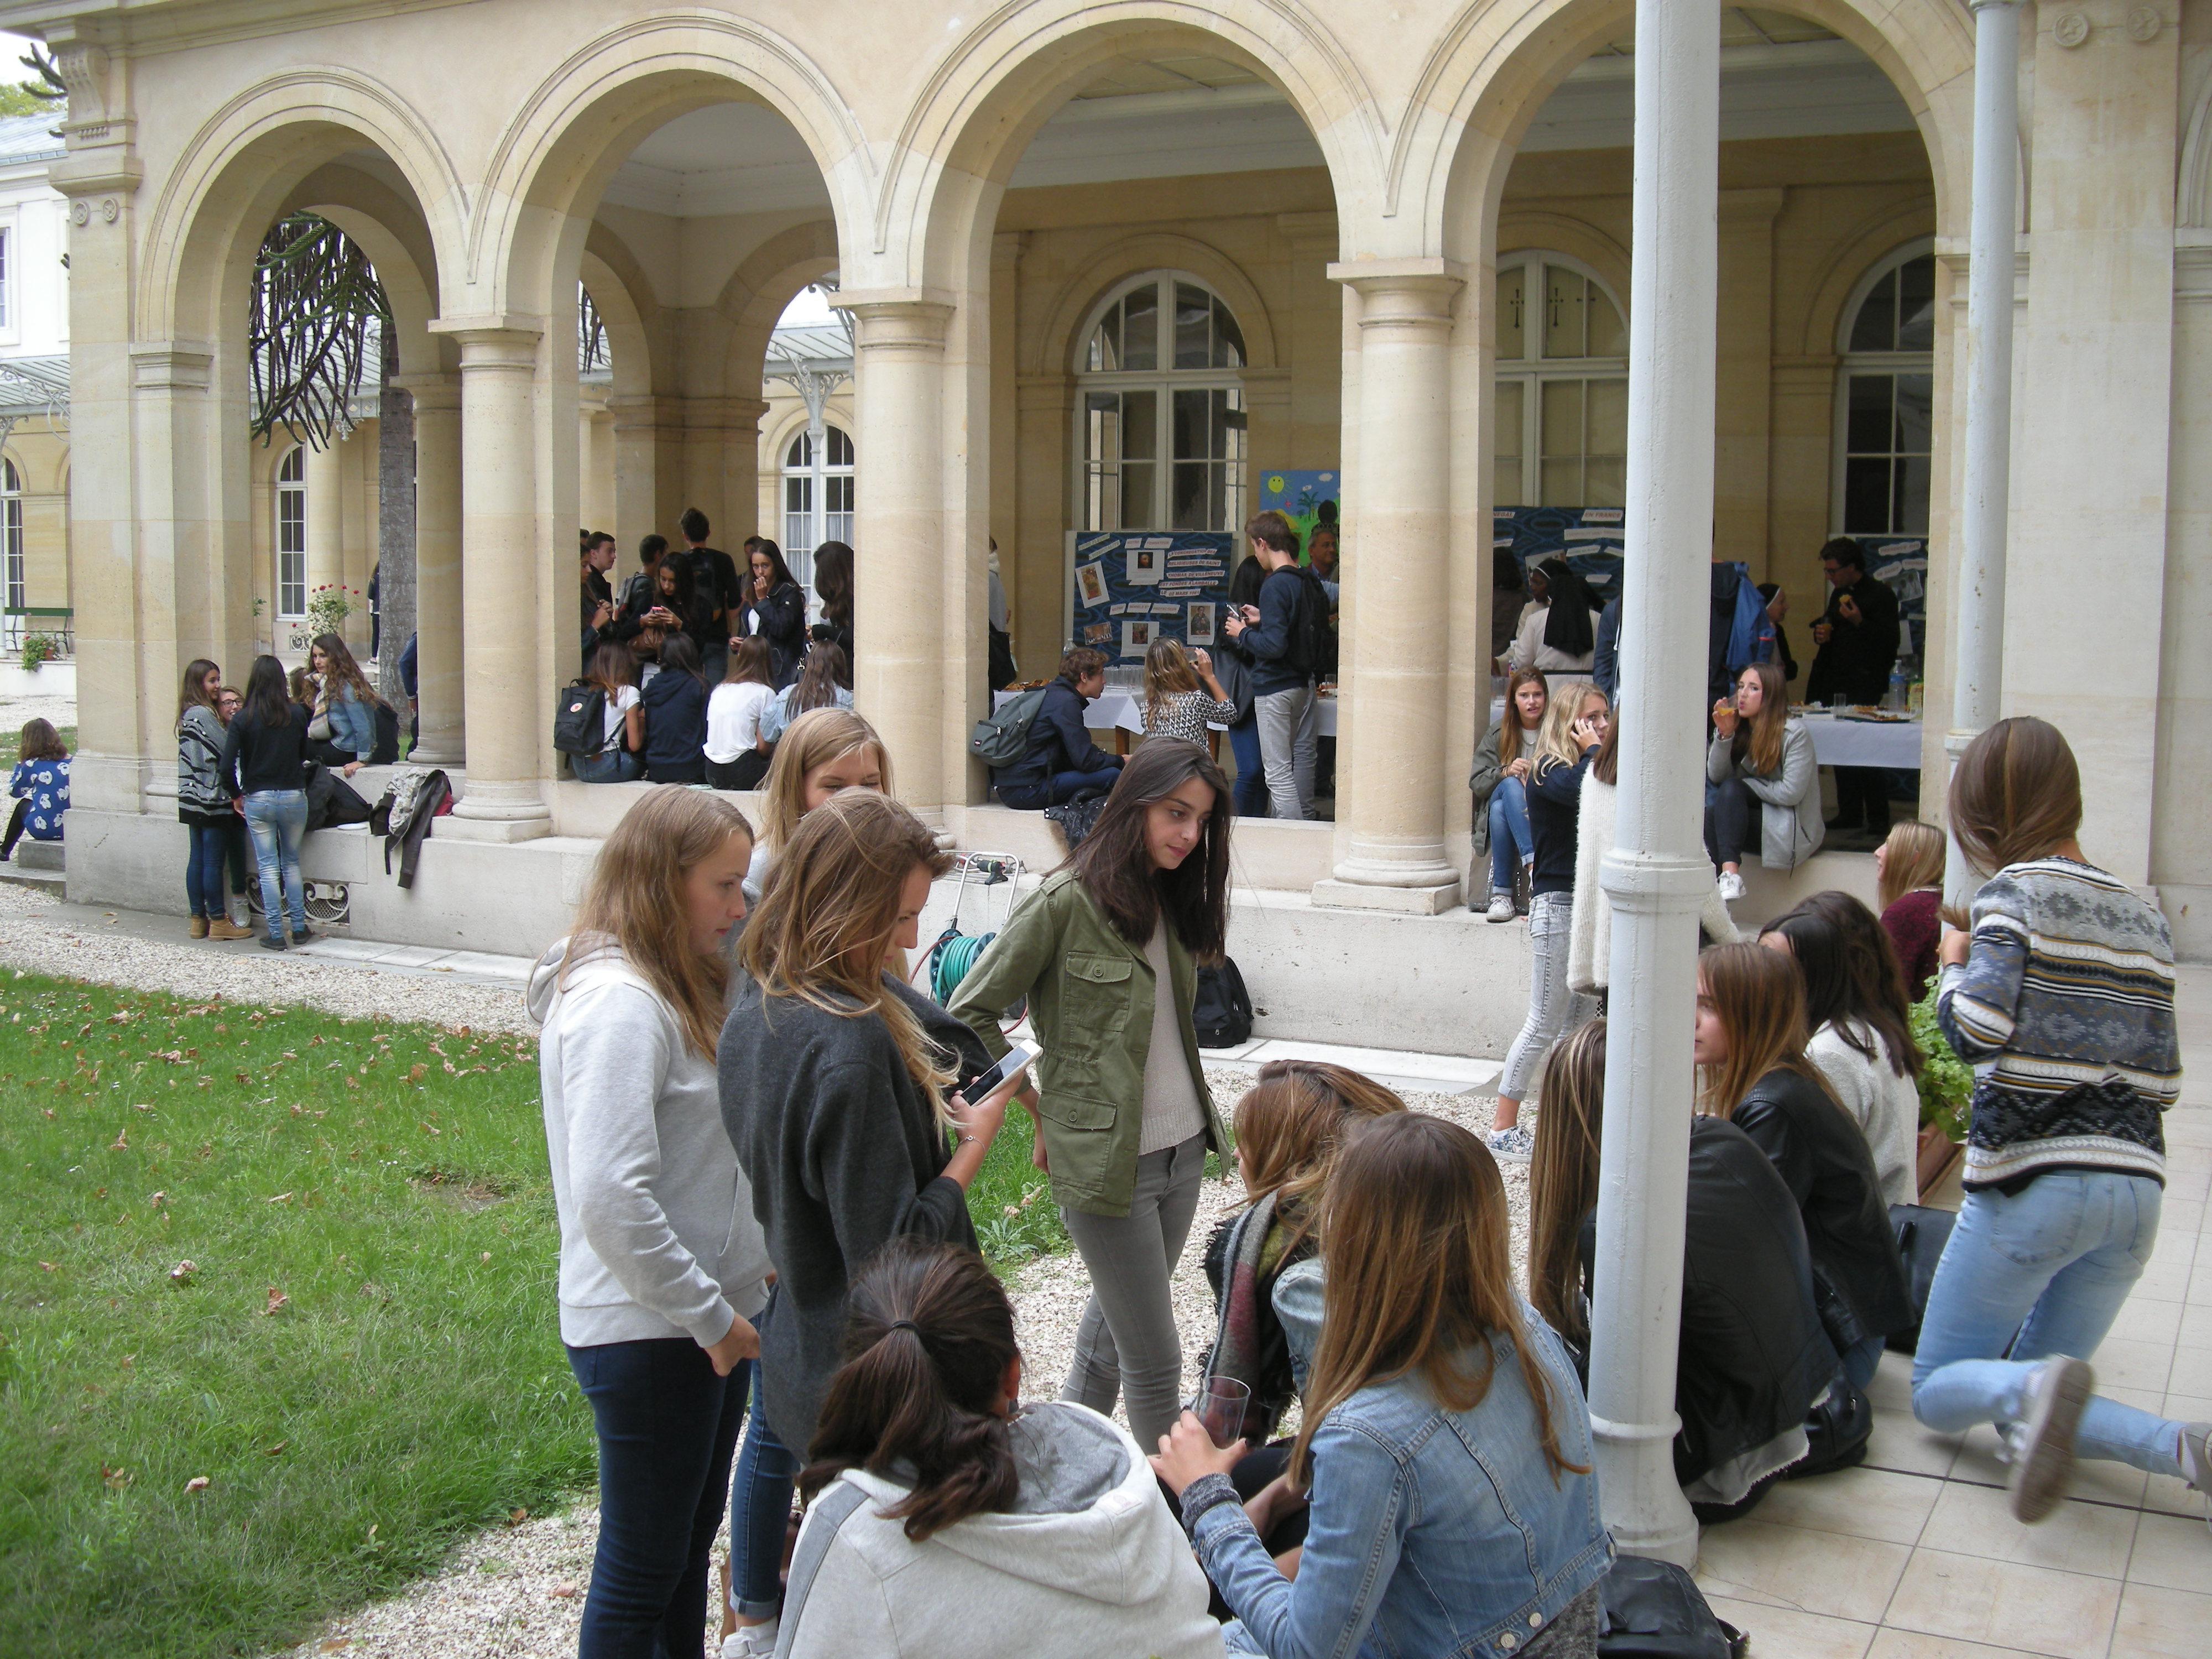 rencontre gay dijon à Saint Germain en Laye